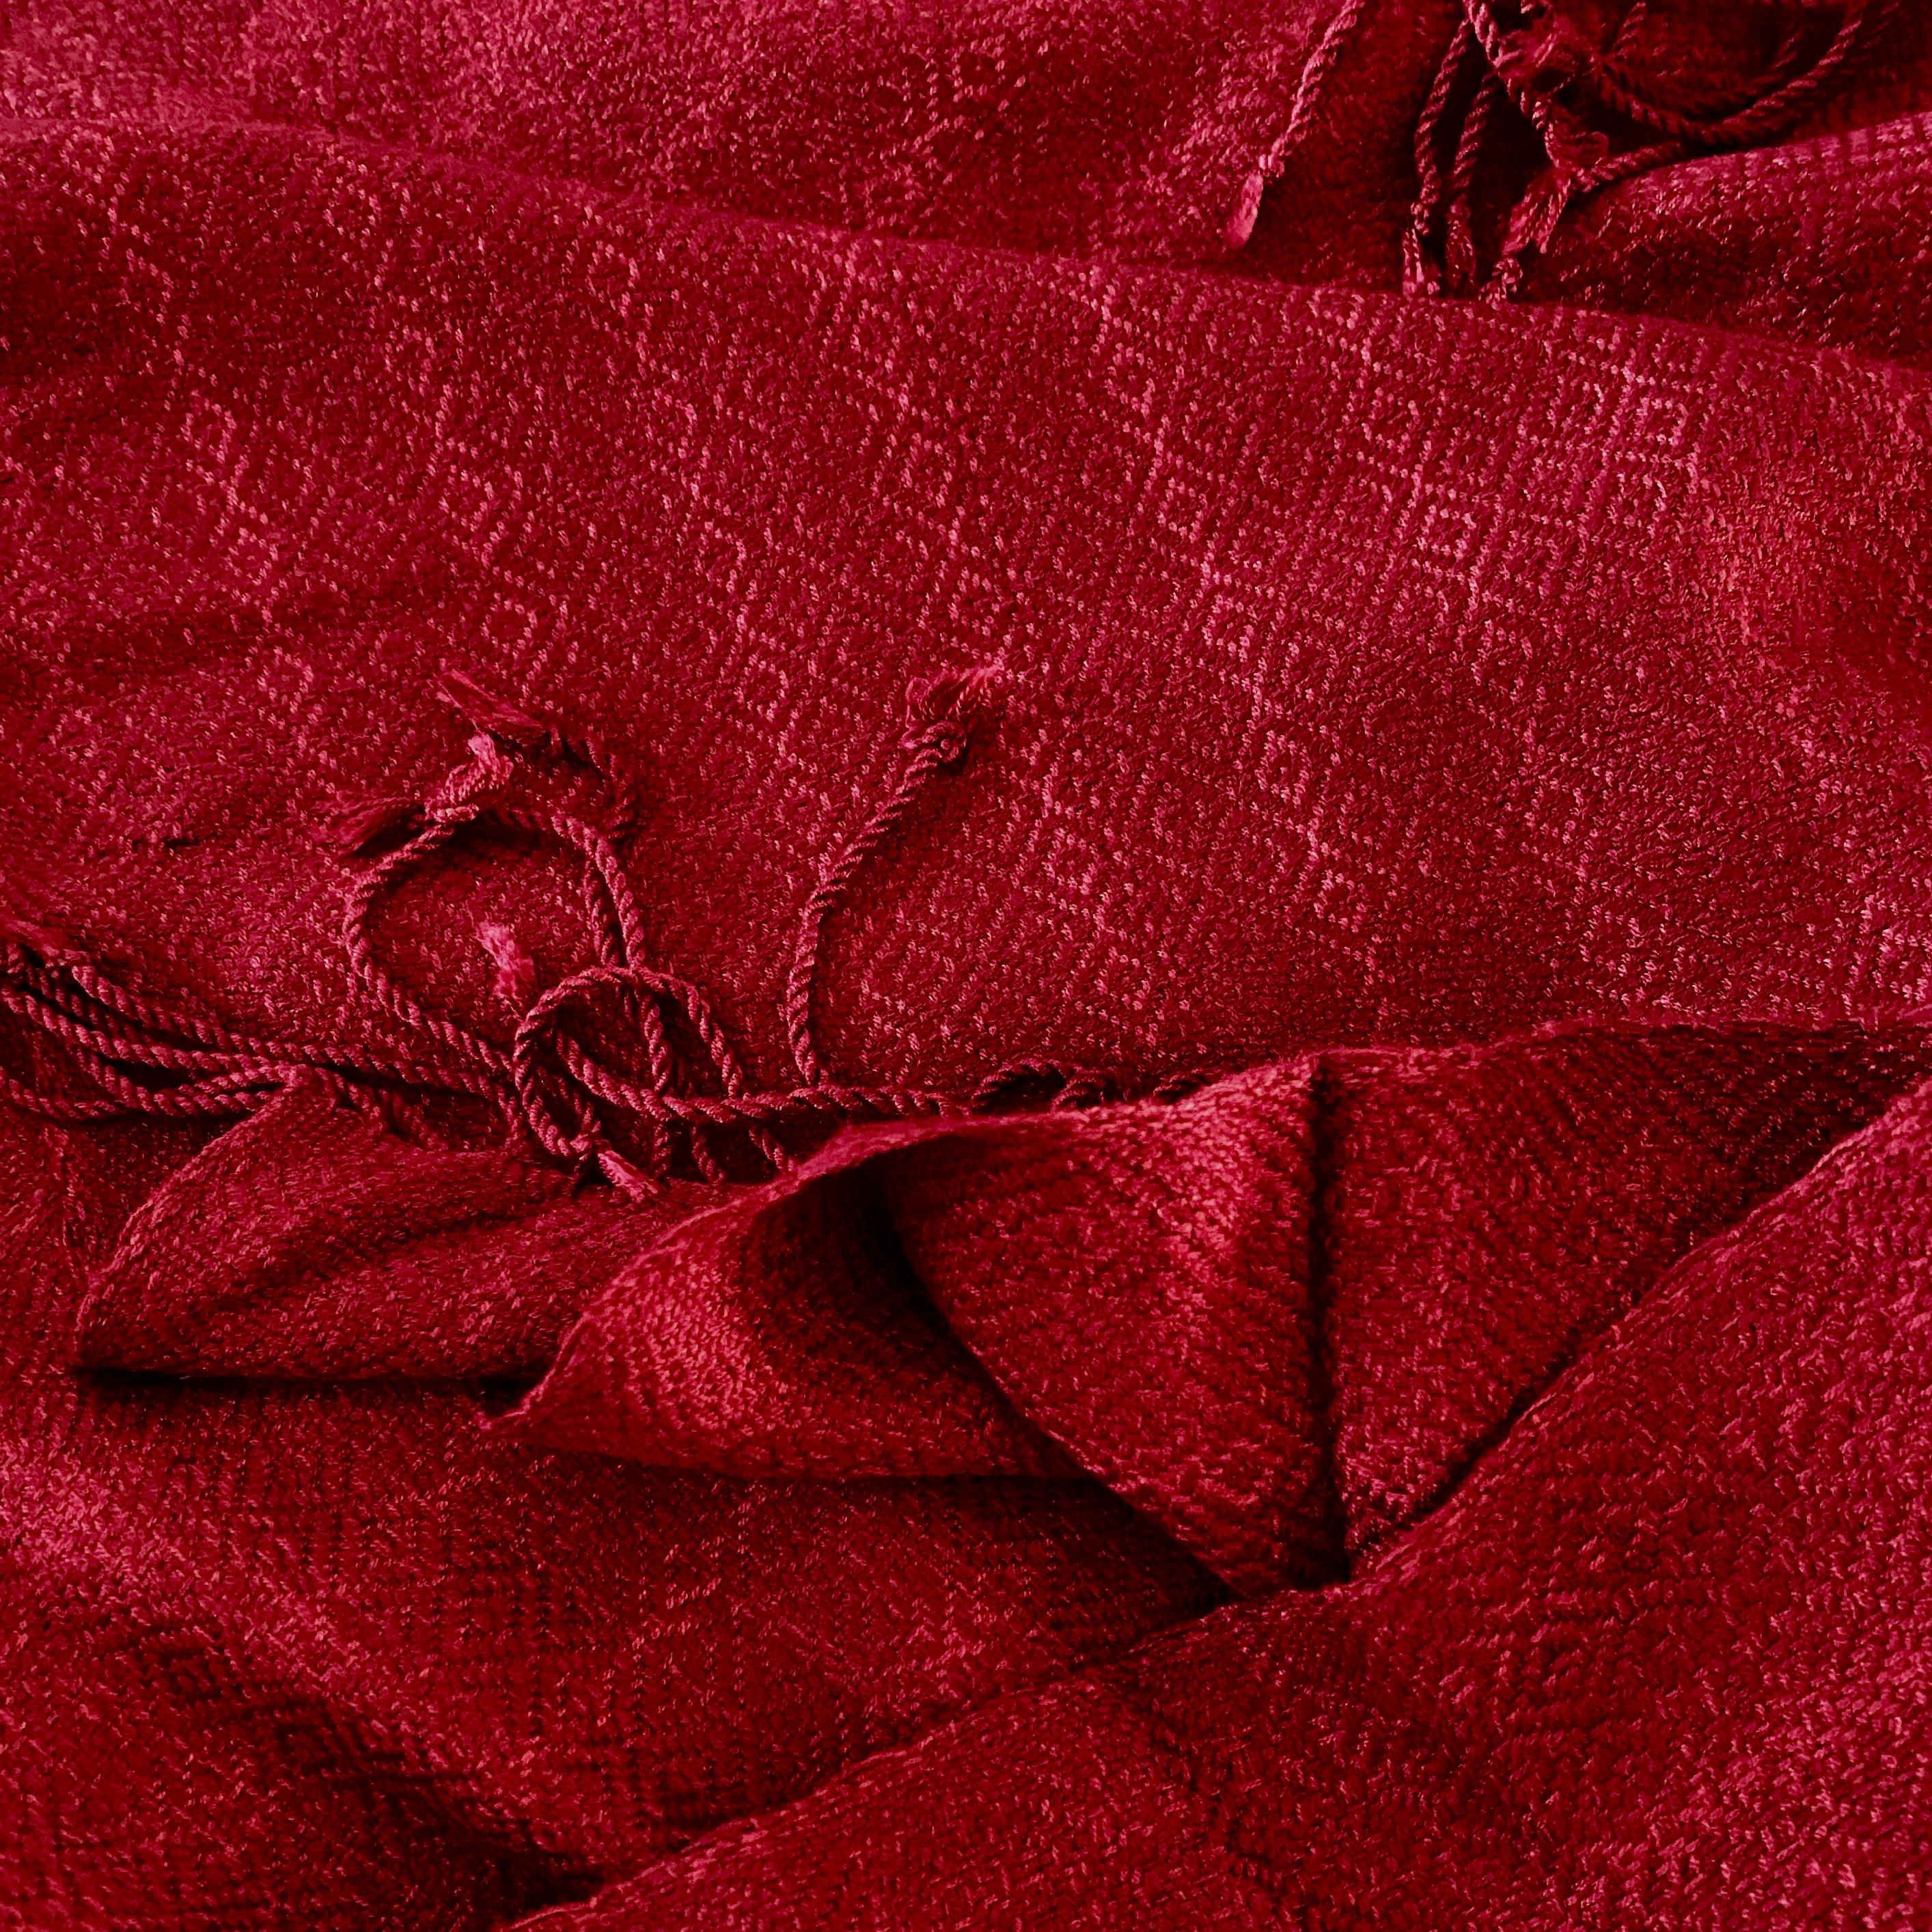 Donkerrode sjaal in diamant patroon